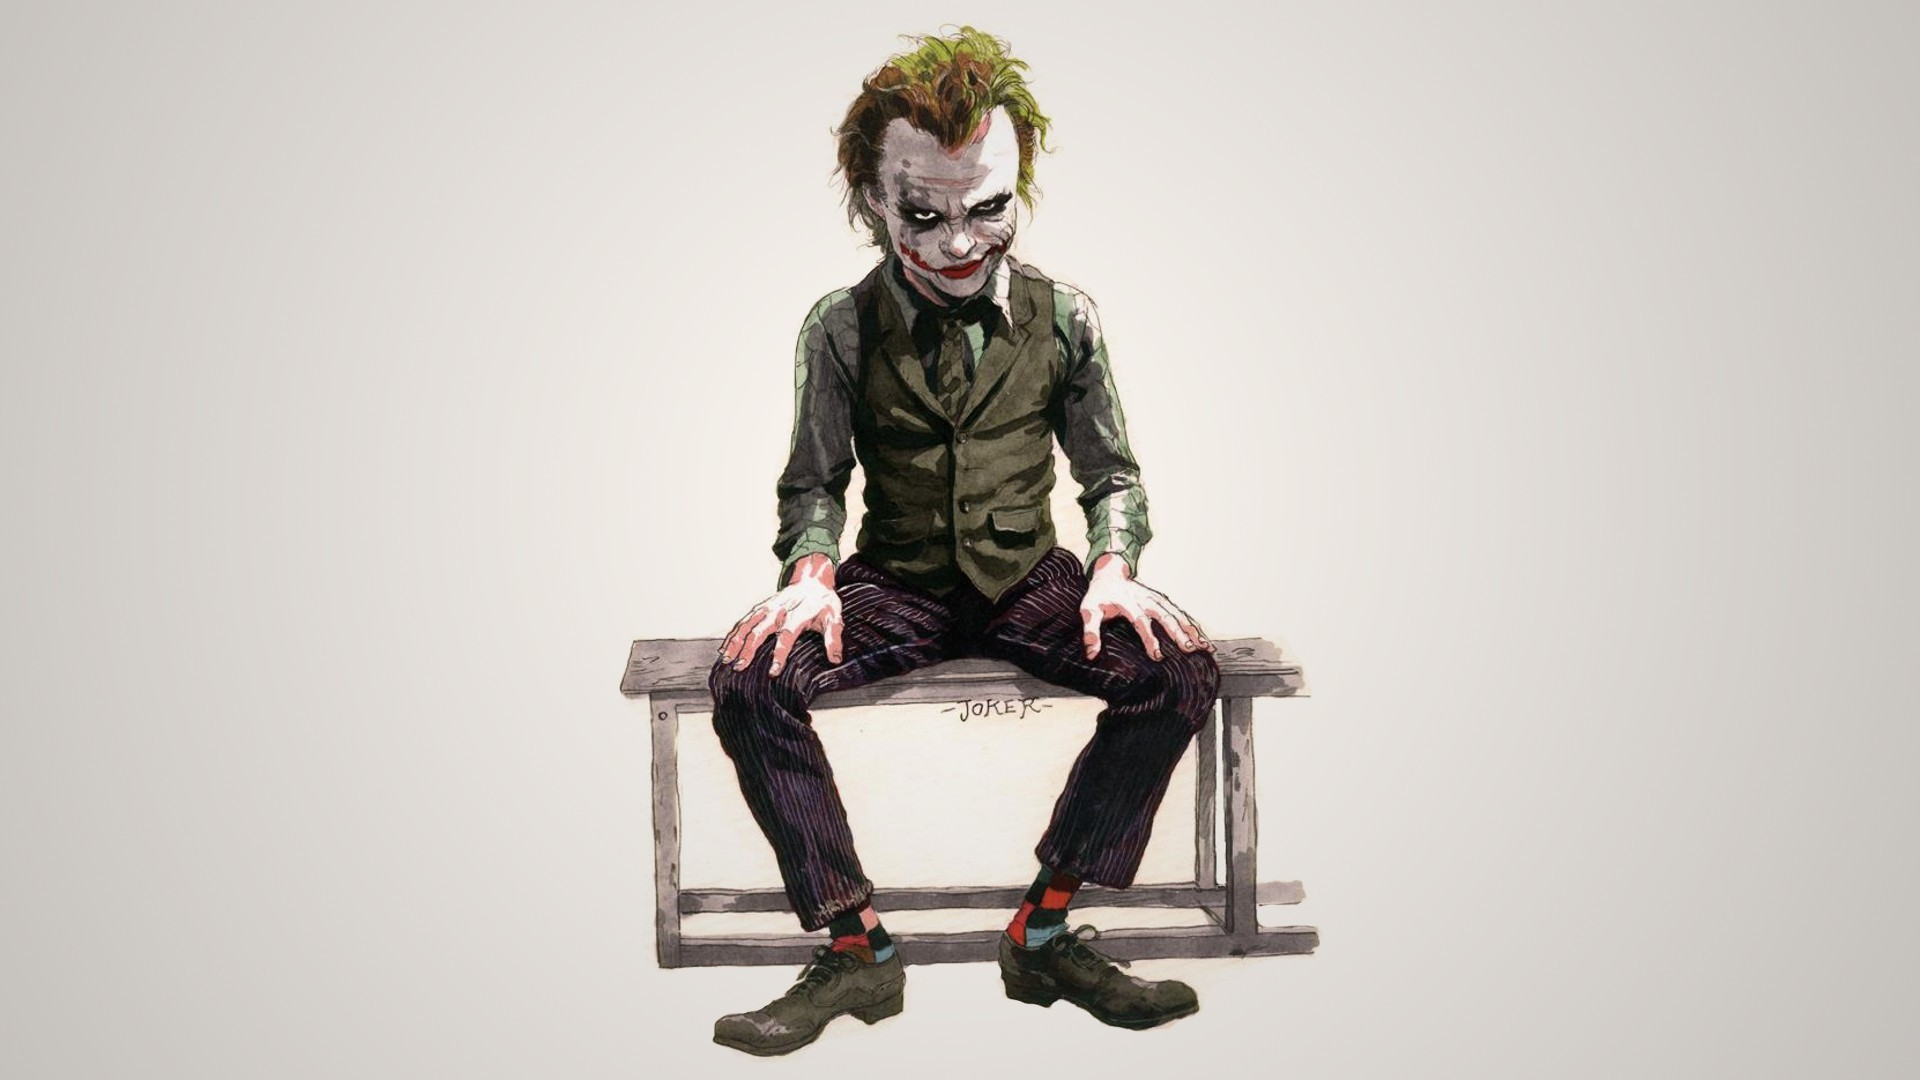 19227 Hintergrundbild herunterladen Joker, Kino, Menschen, Bilder - Bildschirmschoner und Bilder kostenlos